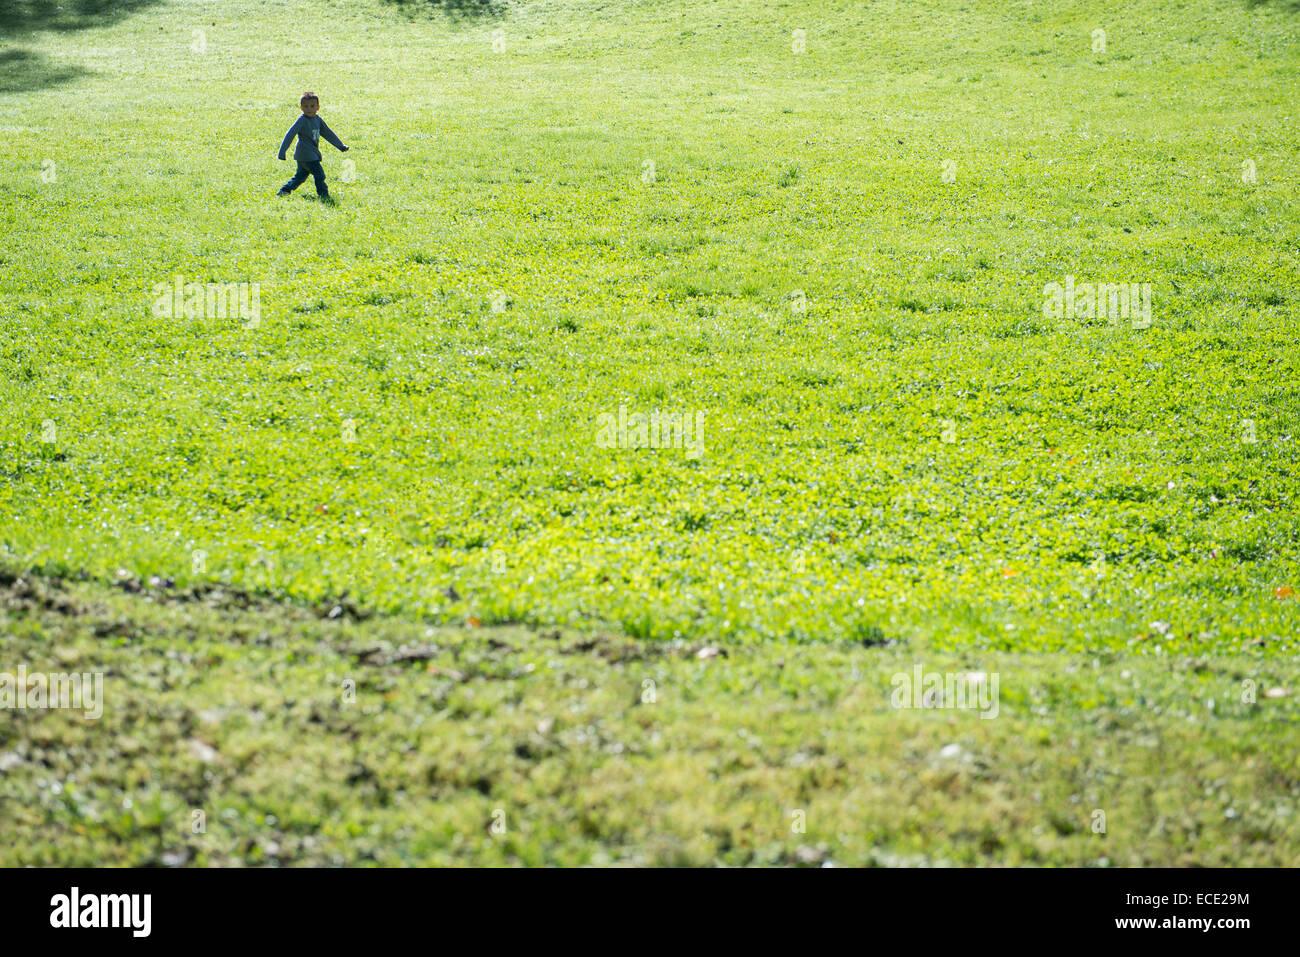 Small boy walking alone field meadow - Stock Image